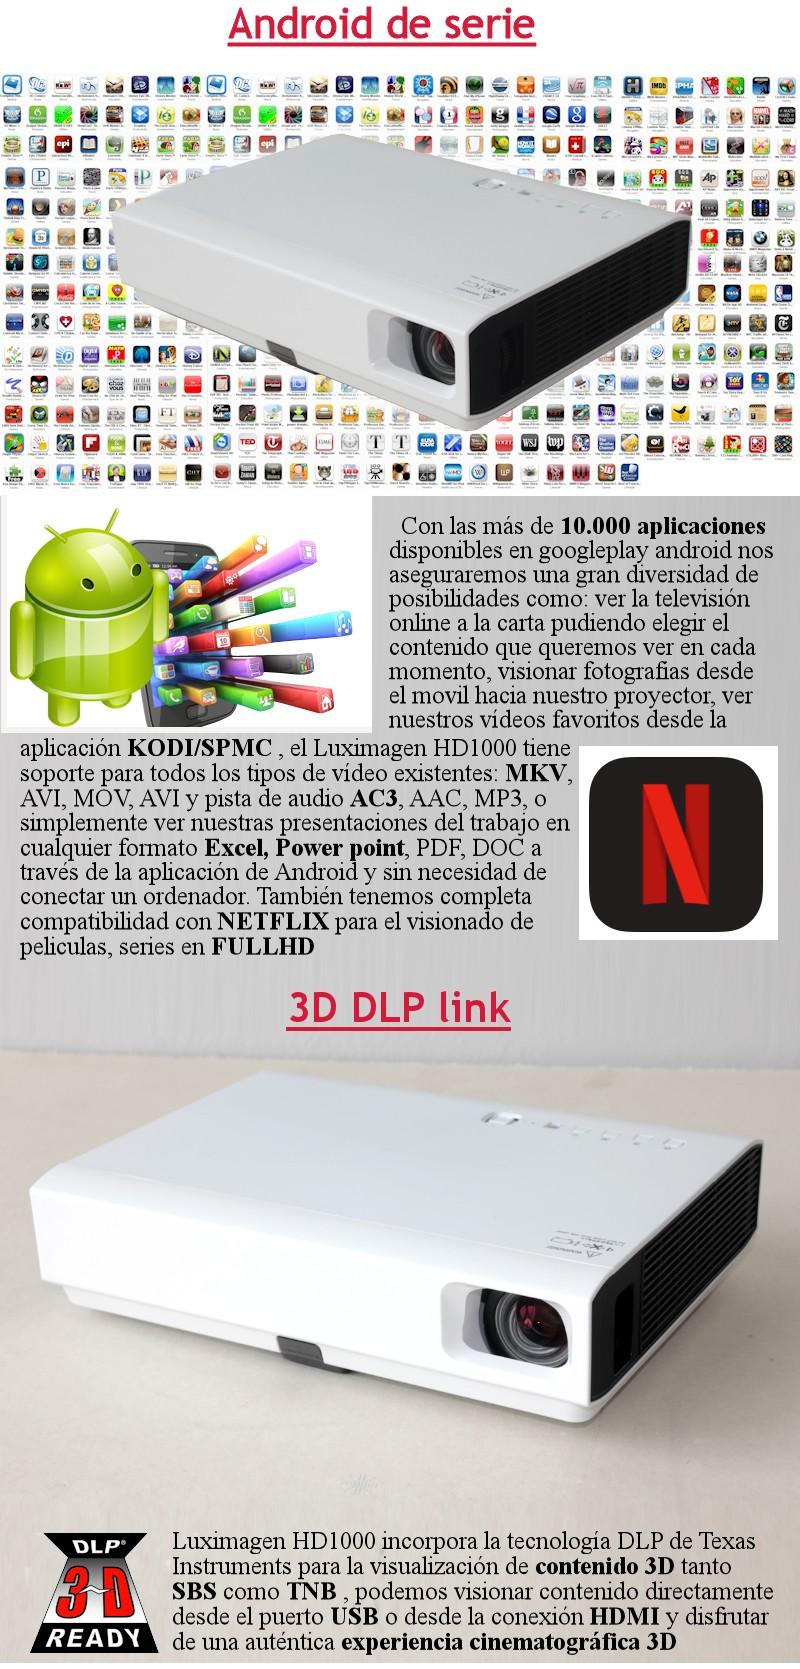 Compatible con MKV, AC3, AVI, DIVX, XVID, MPEG